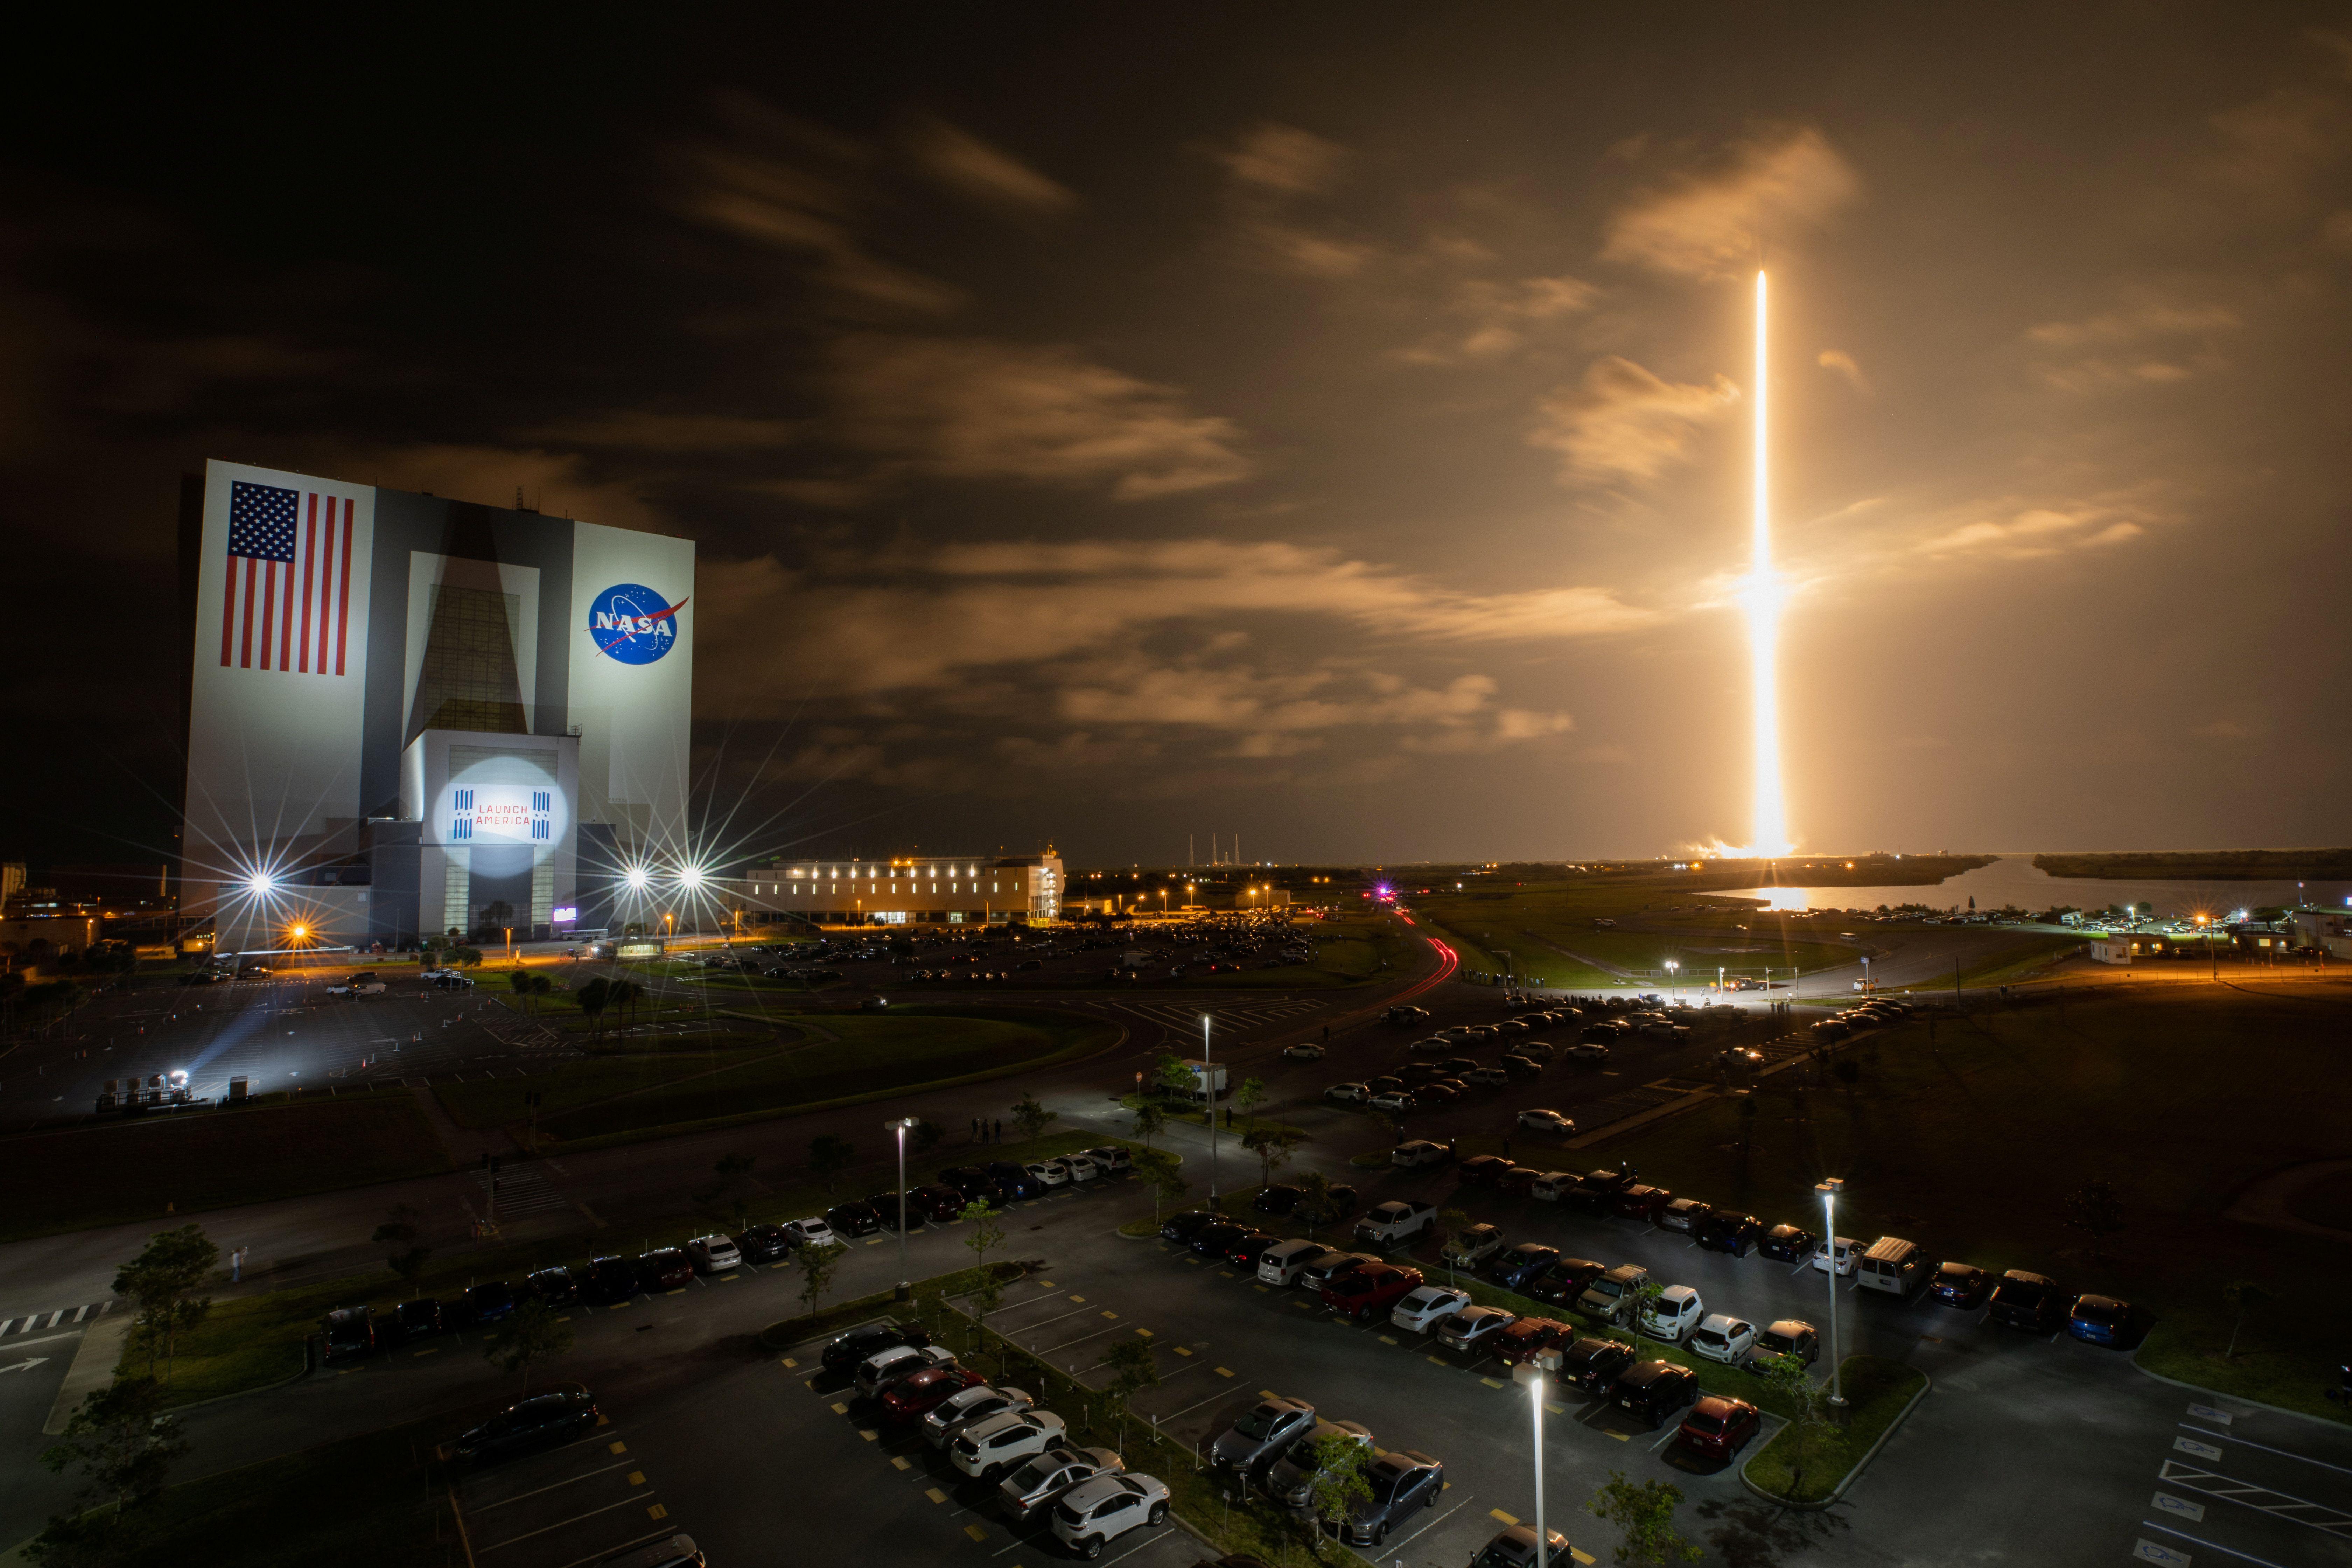 Lanzamiento de SpaceX a la Estación Espacial Internacional en el Centro Espacial Kennedy de la NASA